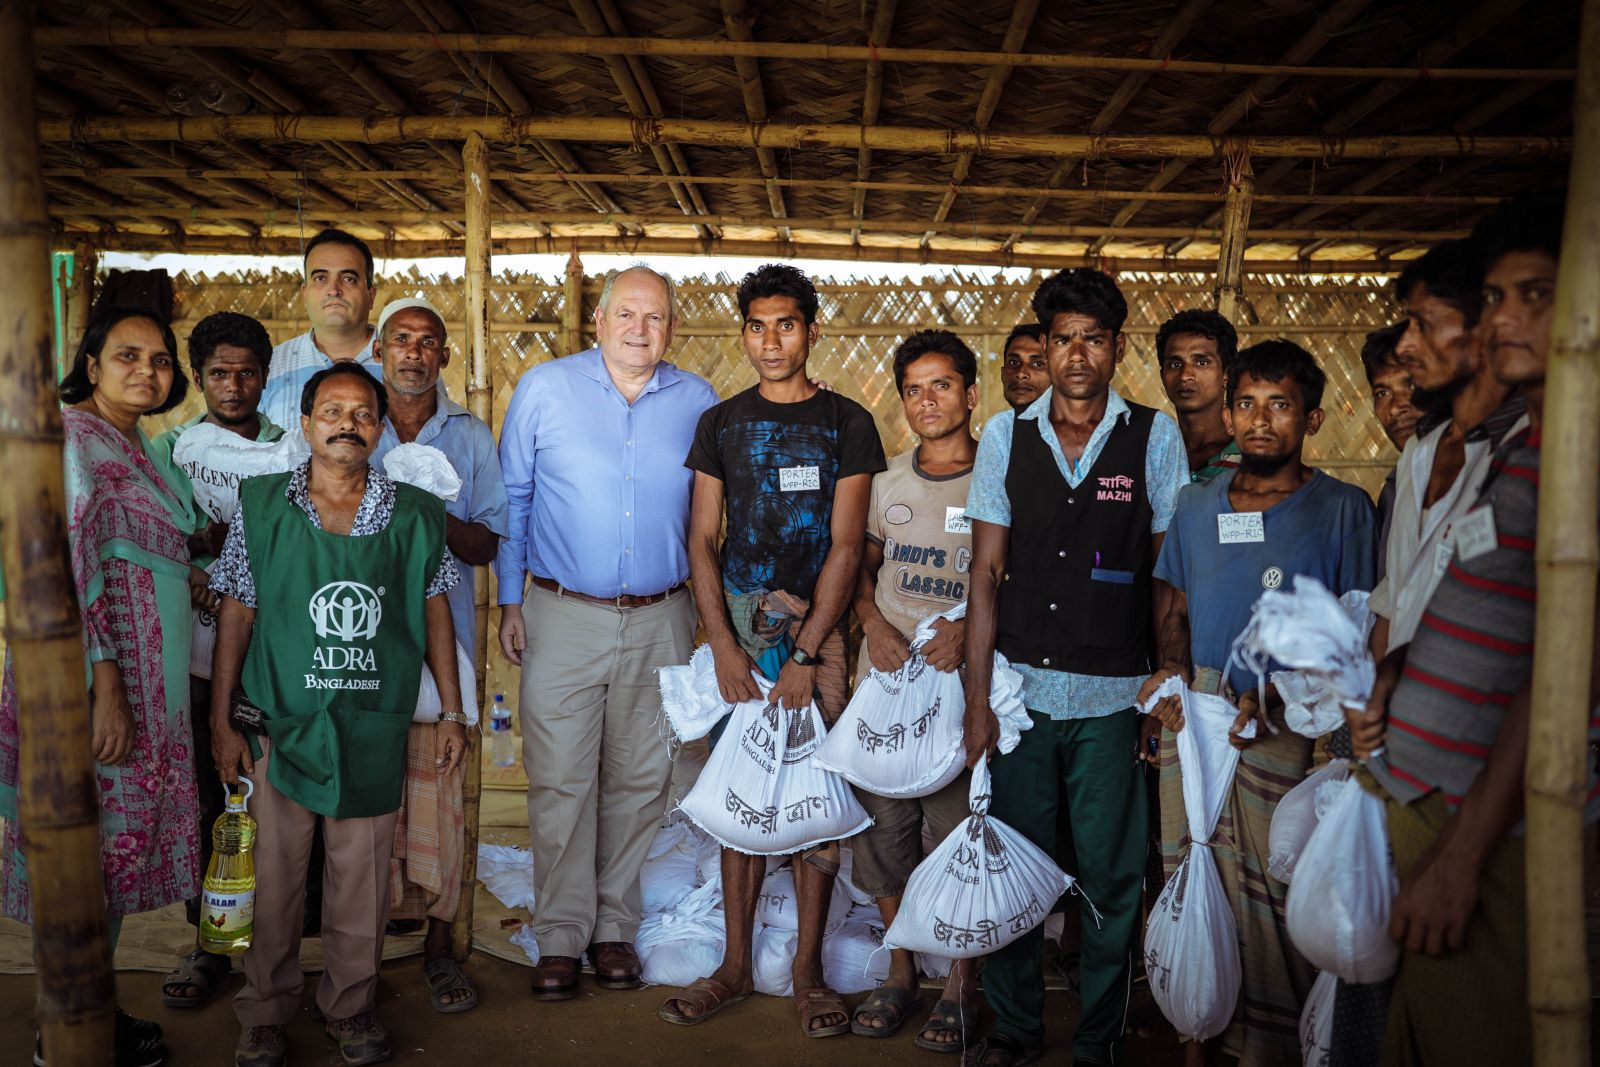 Jonathan Duffy visiting ADRA's Rohingya response